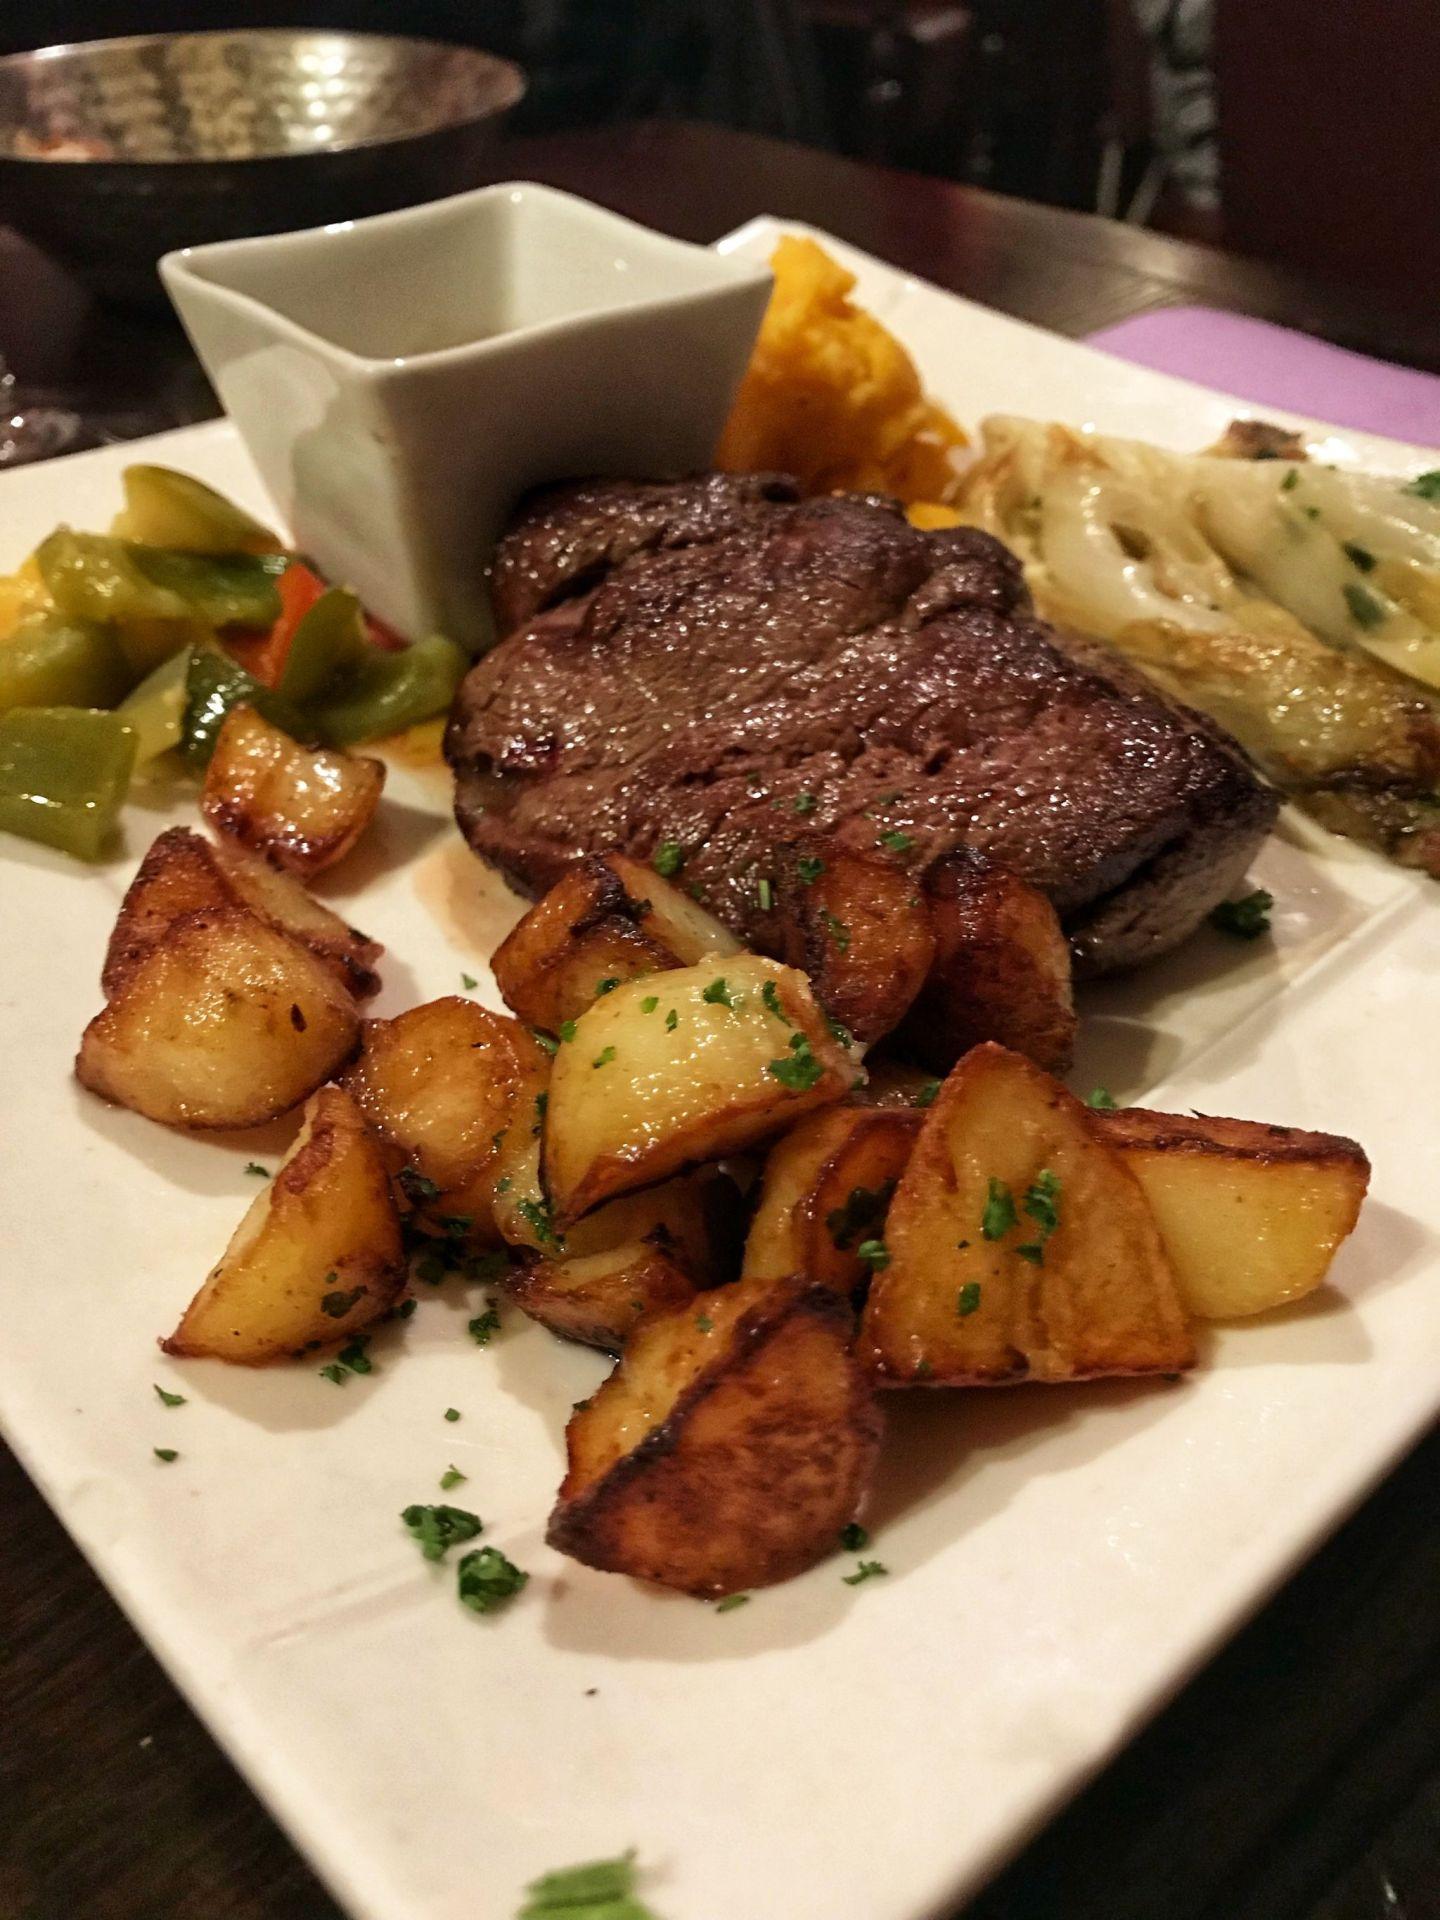 Fillet Steak with Potatoes at Au Vieux Paris D'Arcole